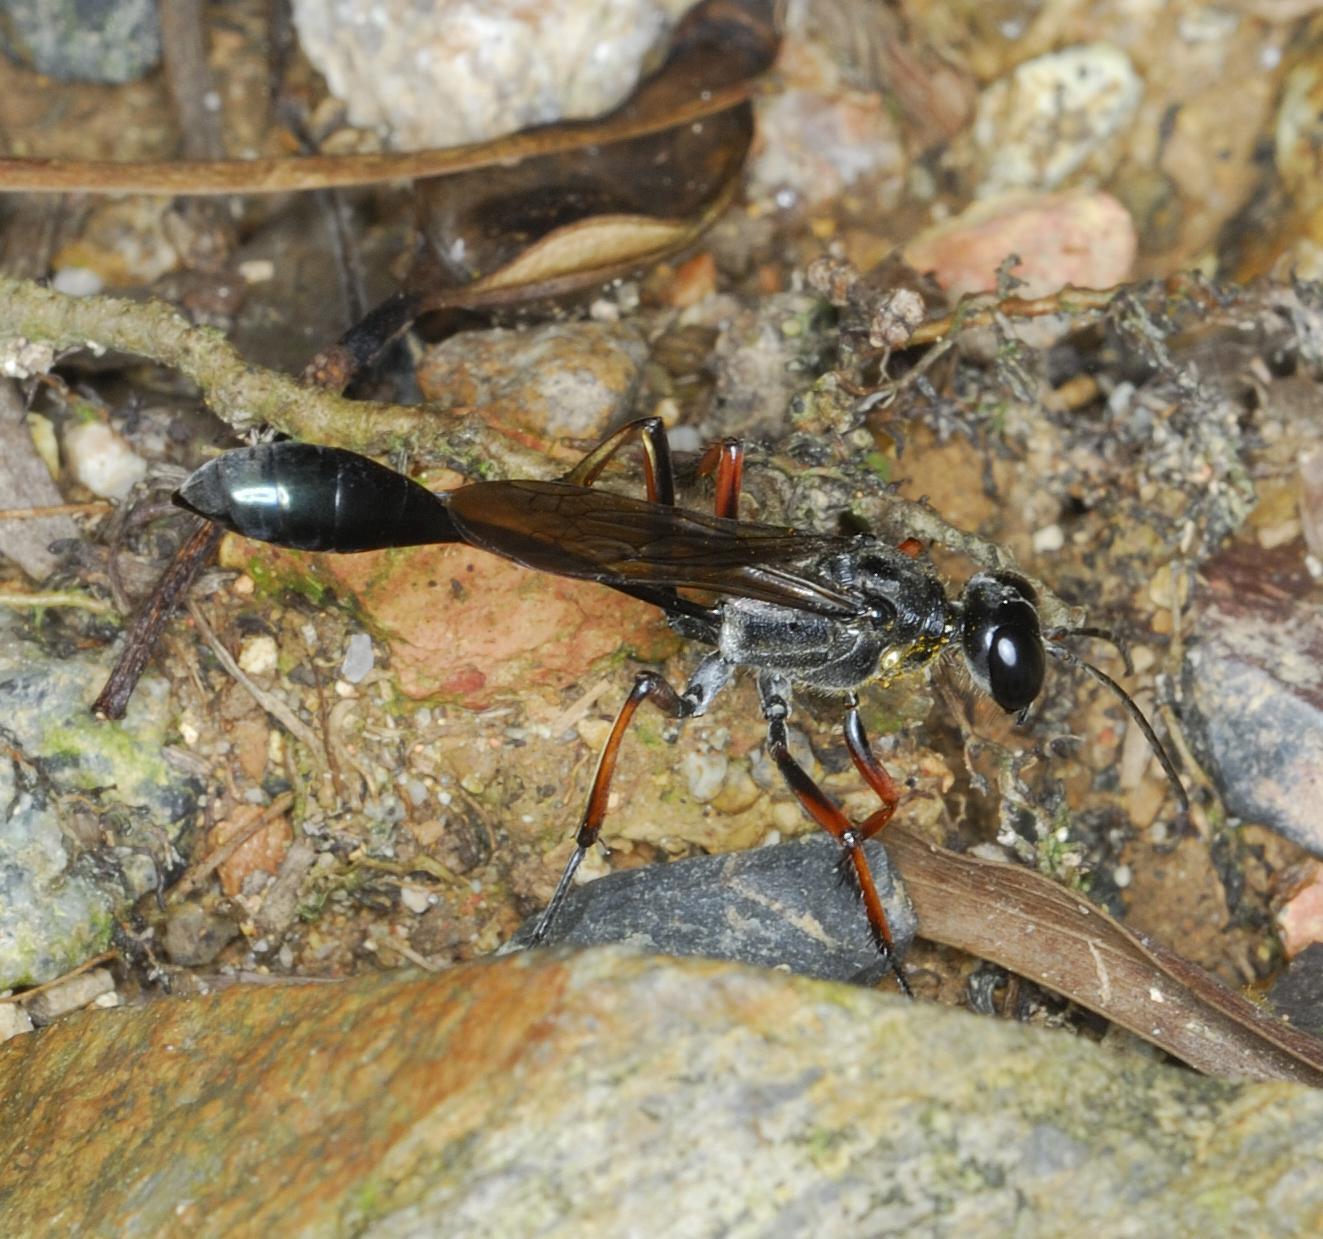 Bộ sưu tập côn trùng 2 Original